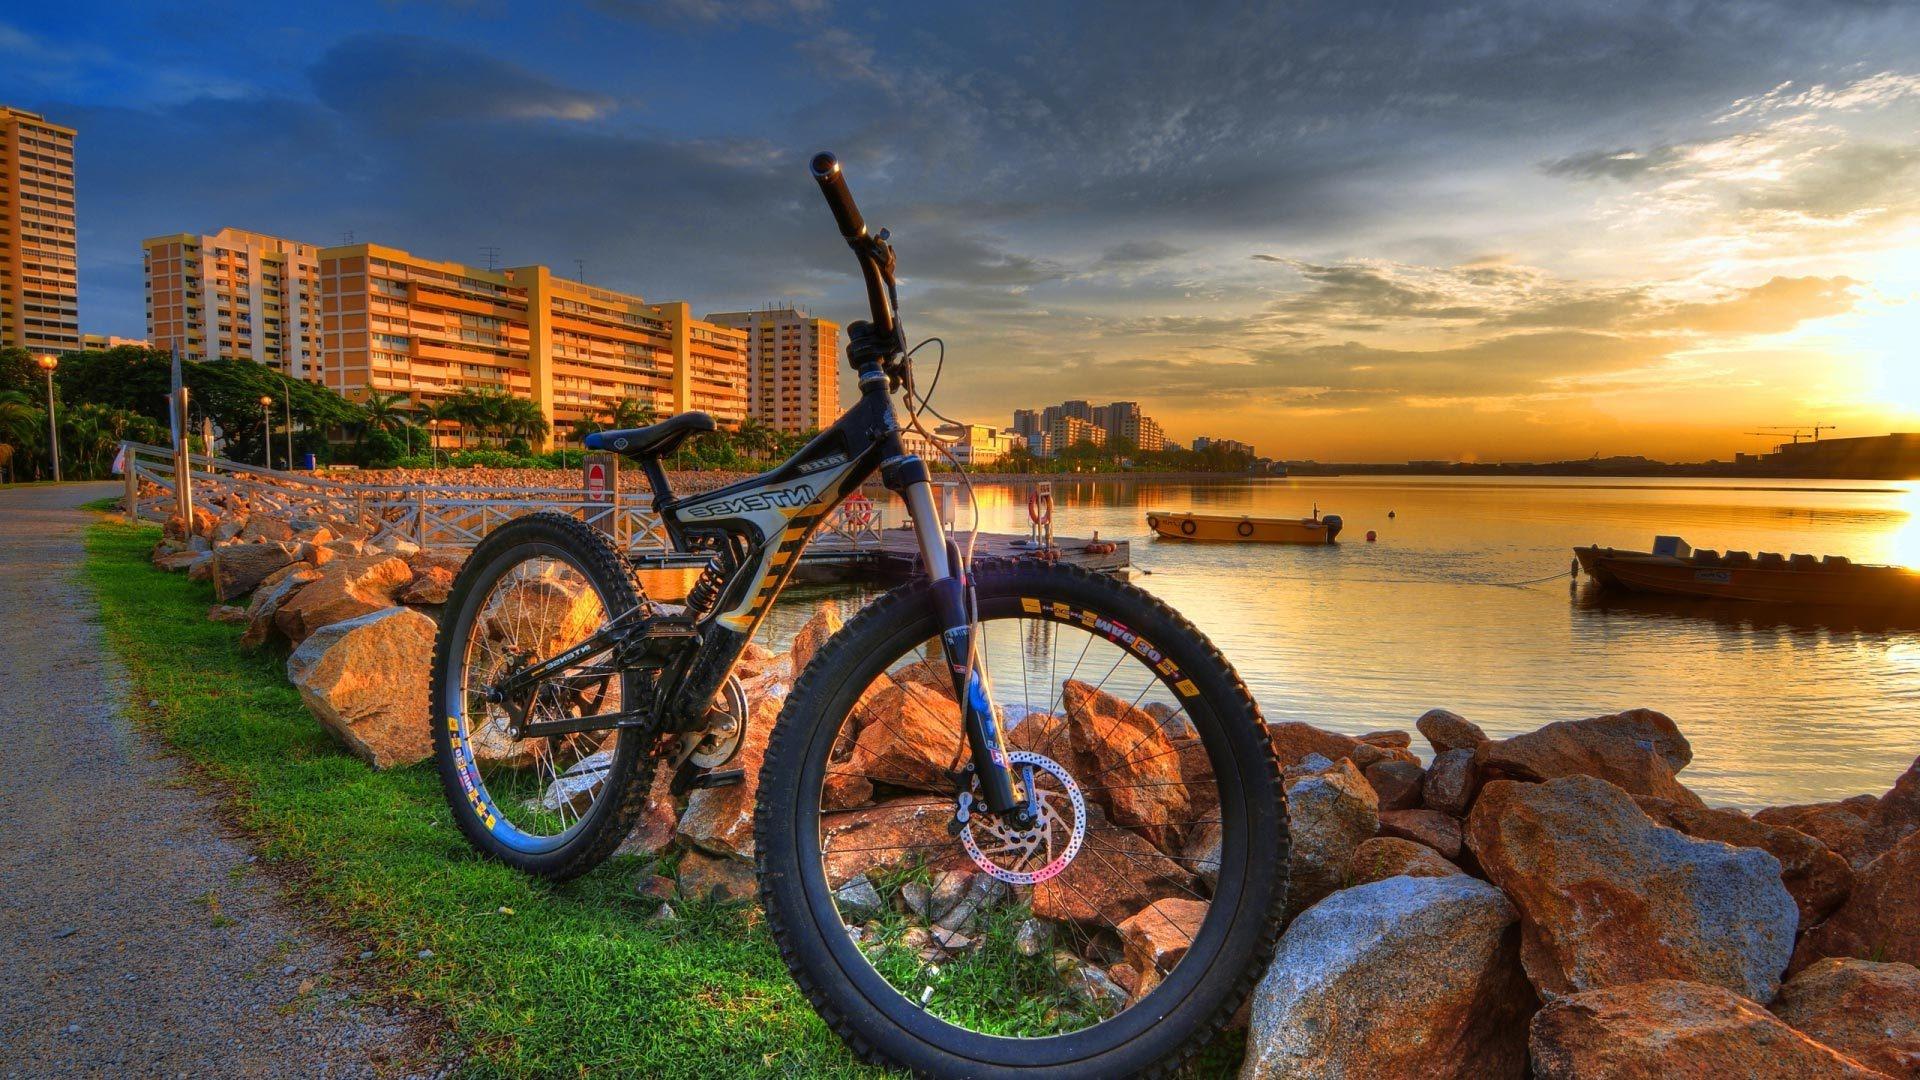 Fonds d'écran Ville, côte, vélo, coucher de soleil 1920x1080 Full HD 2K image